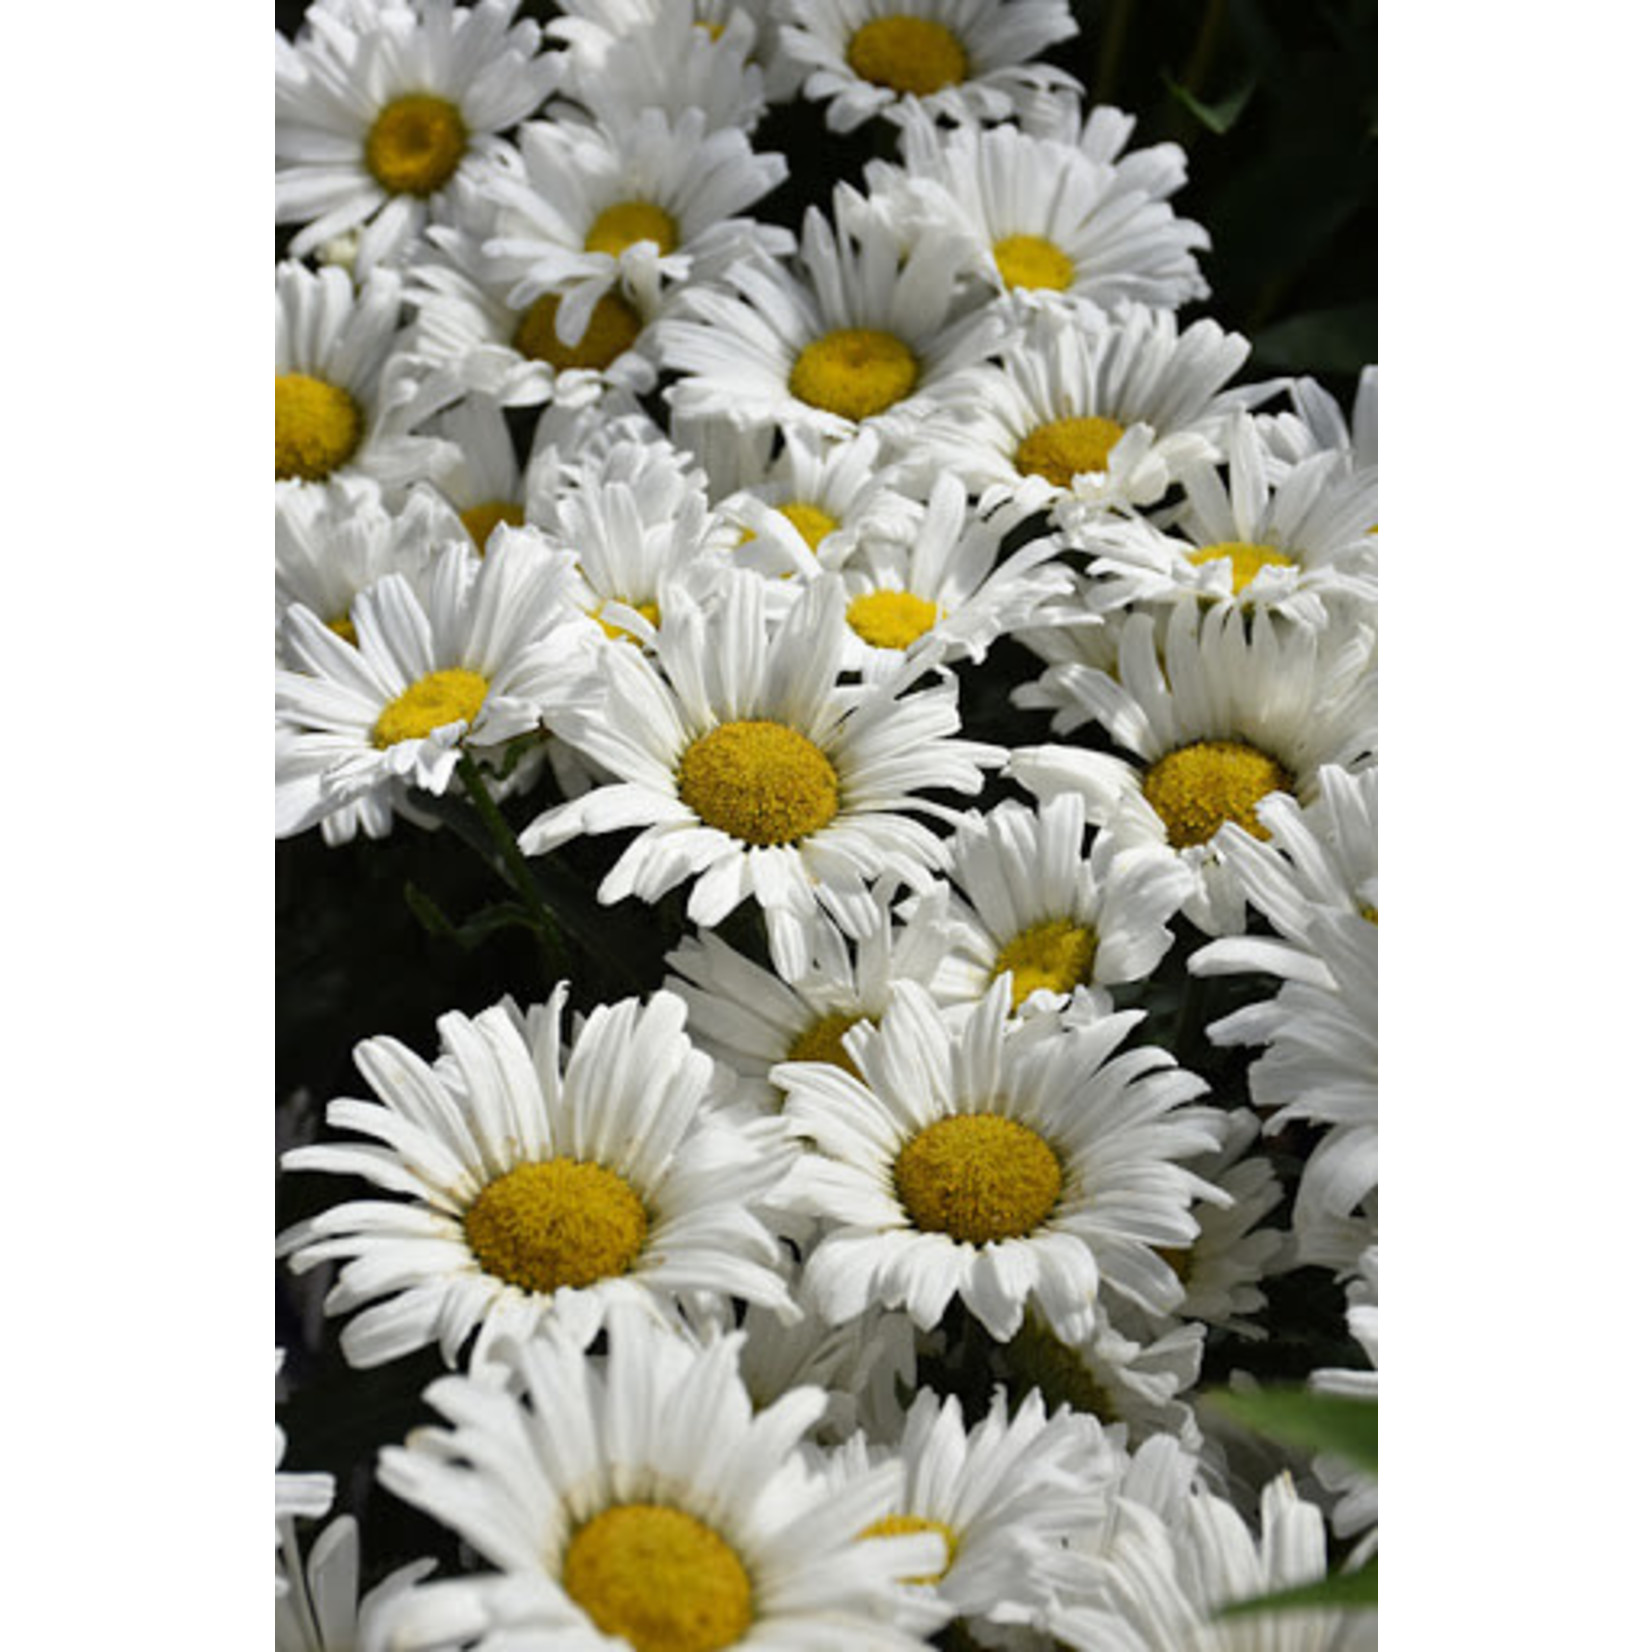 Shasta Daisy 'daisy may' - 1 gal